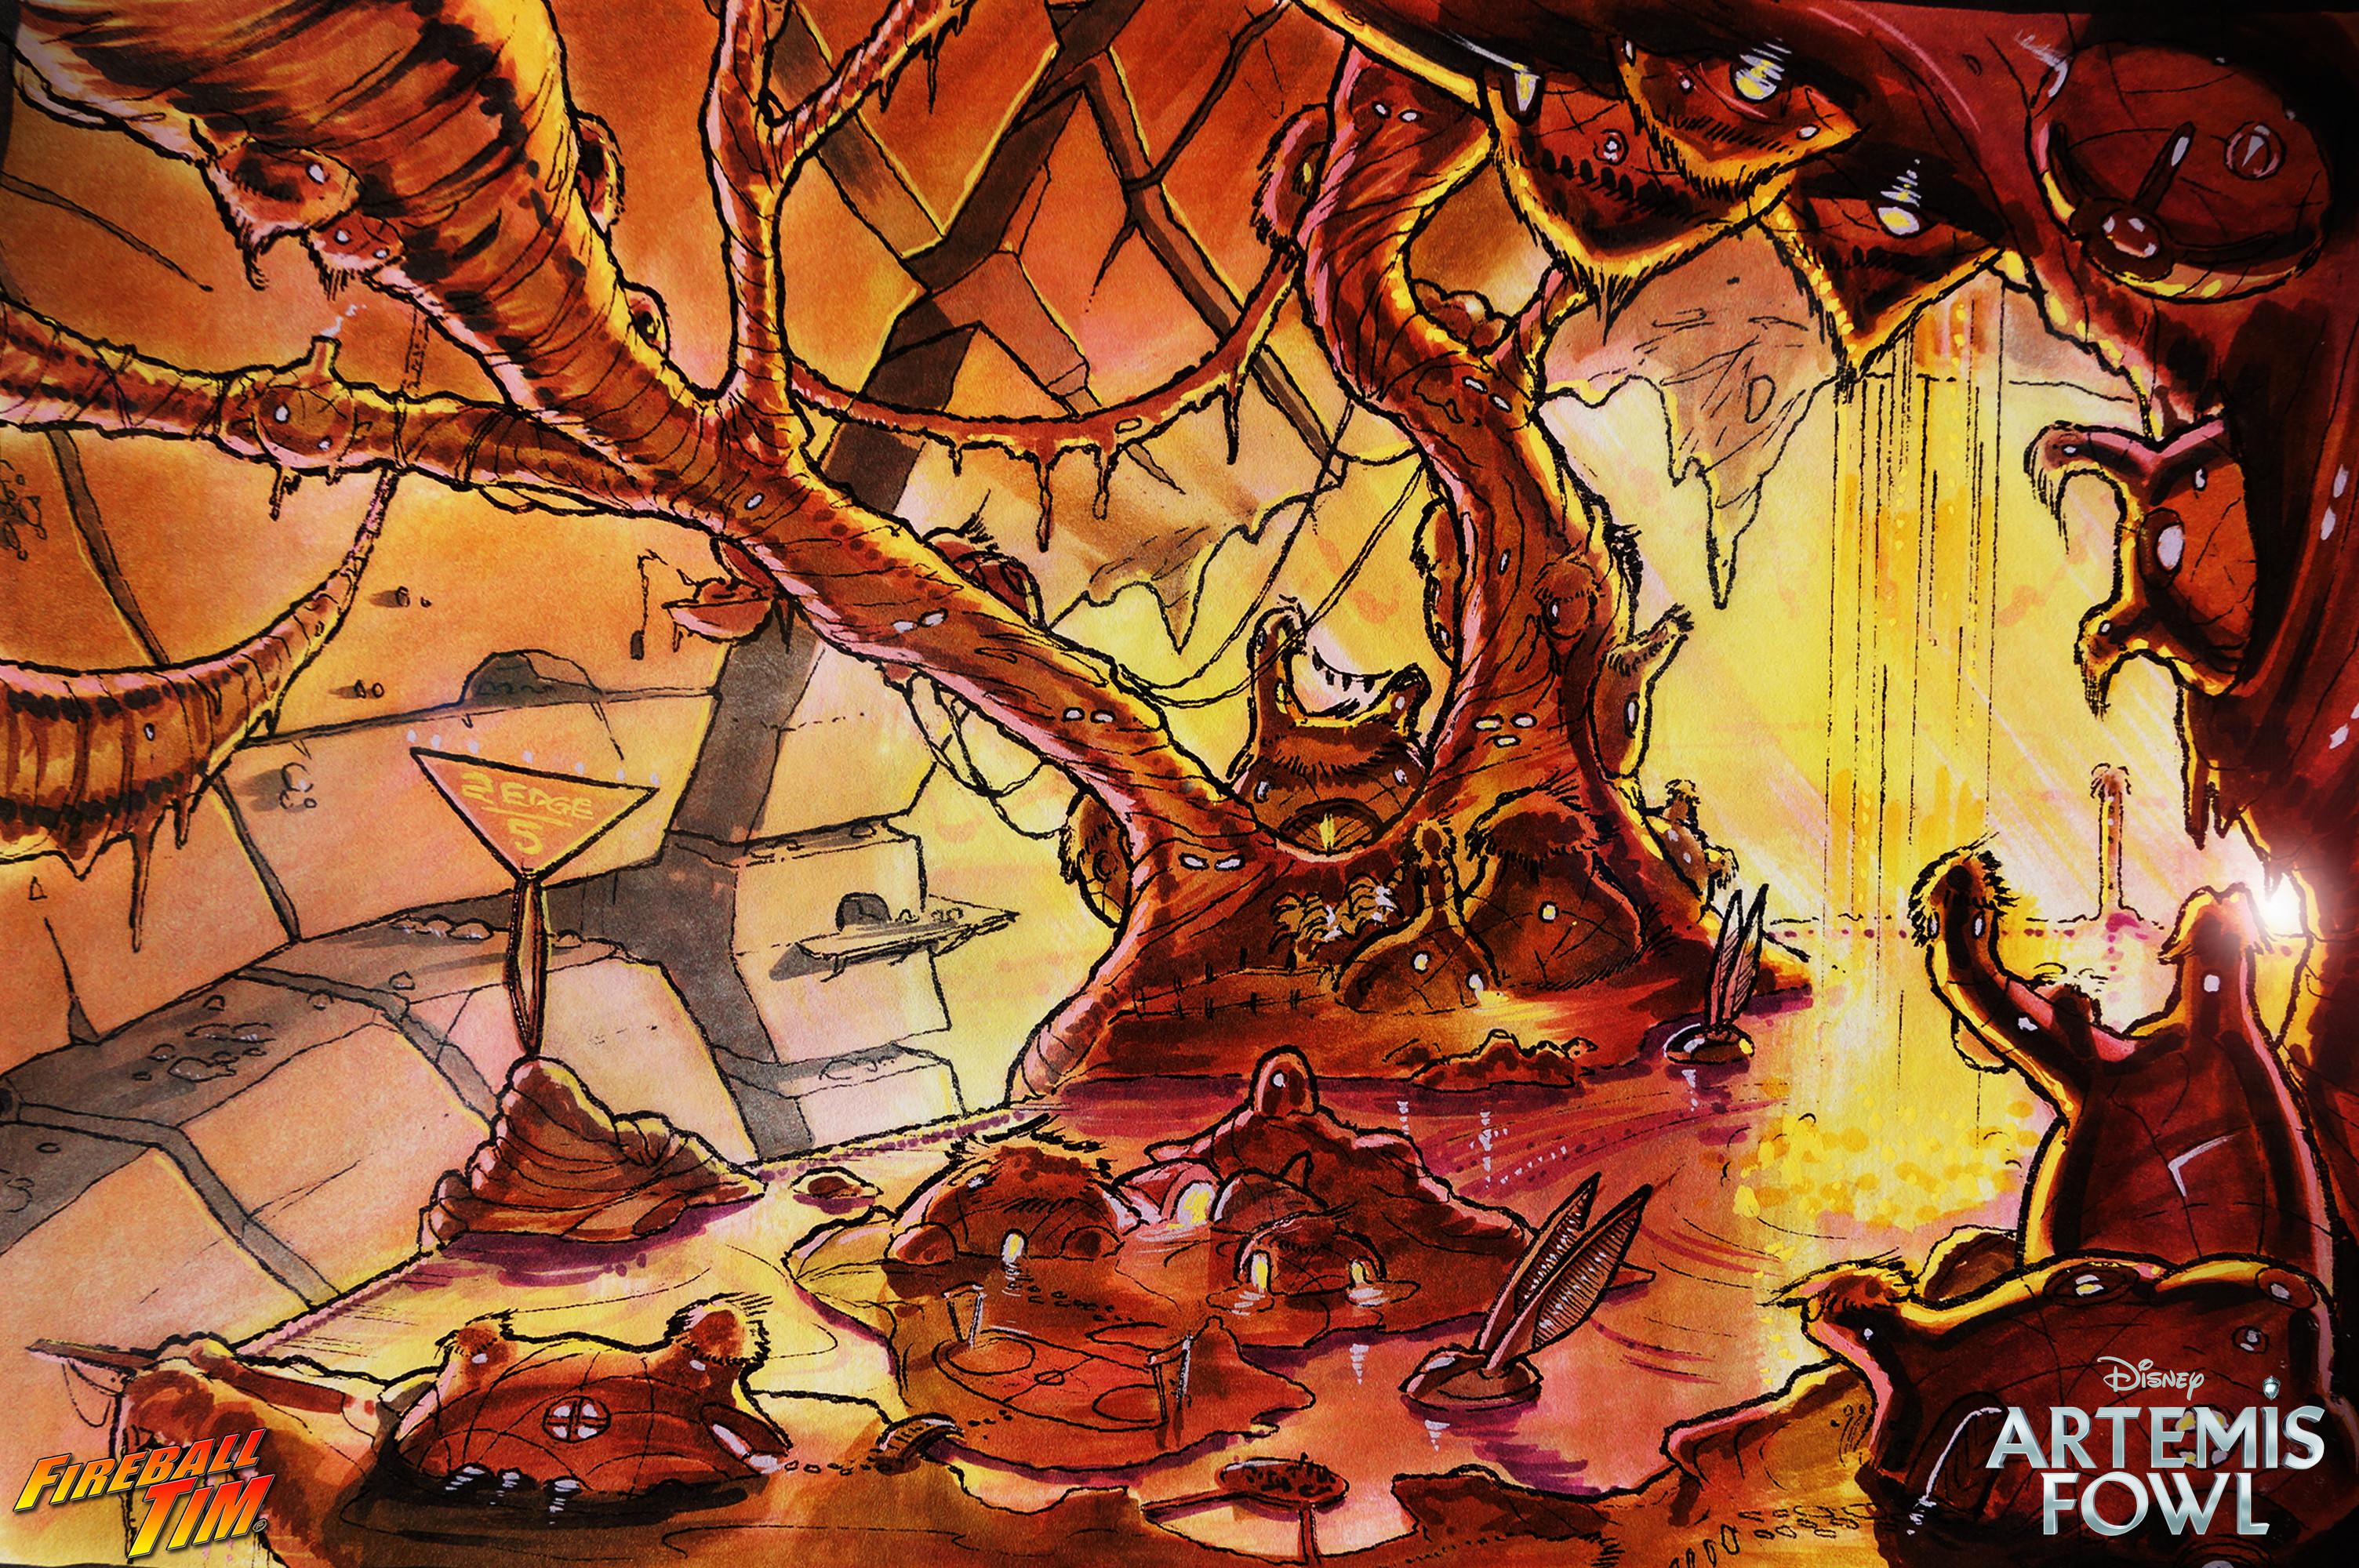 ARTEMIS FOWL http://www.fireballtim.com